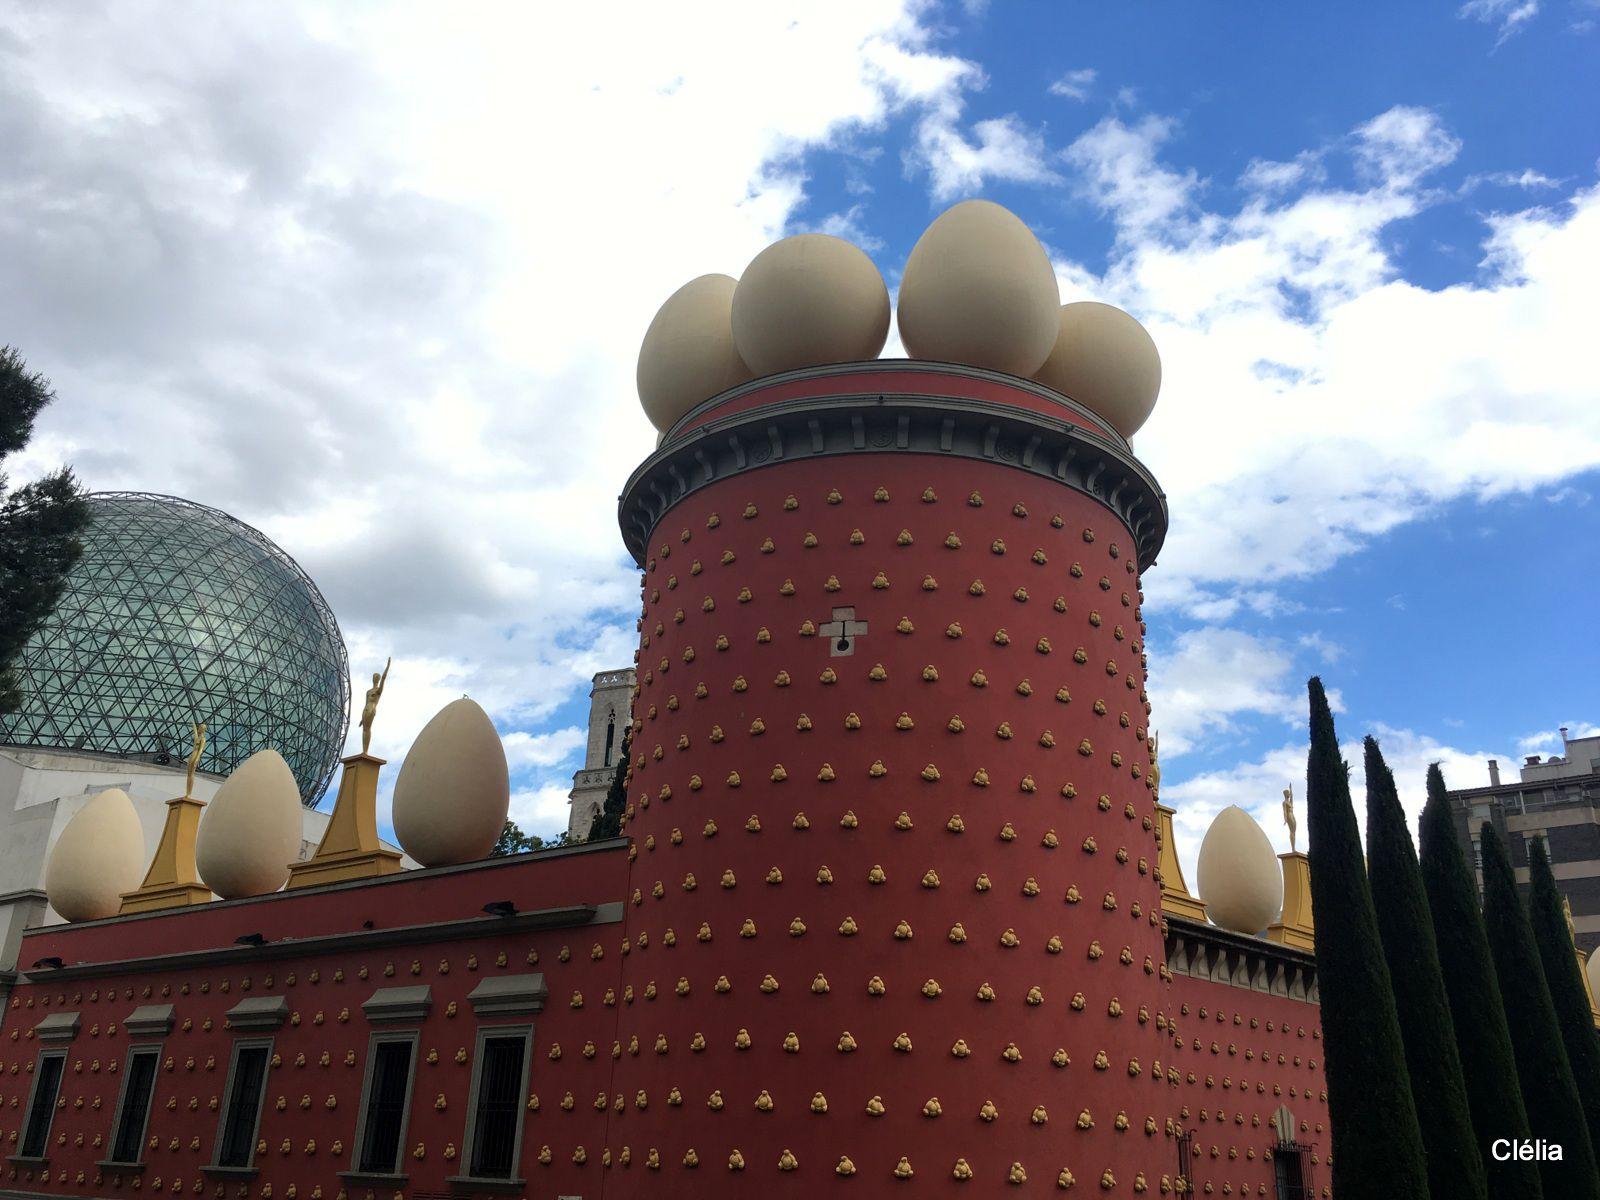 Tour Galatea décorée avec des oeufs géants sur le toit et des pains catalans sur le mur ocre